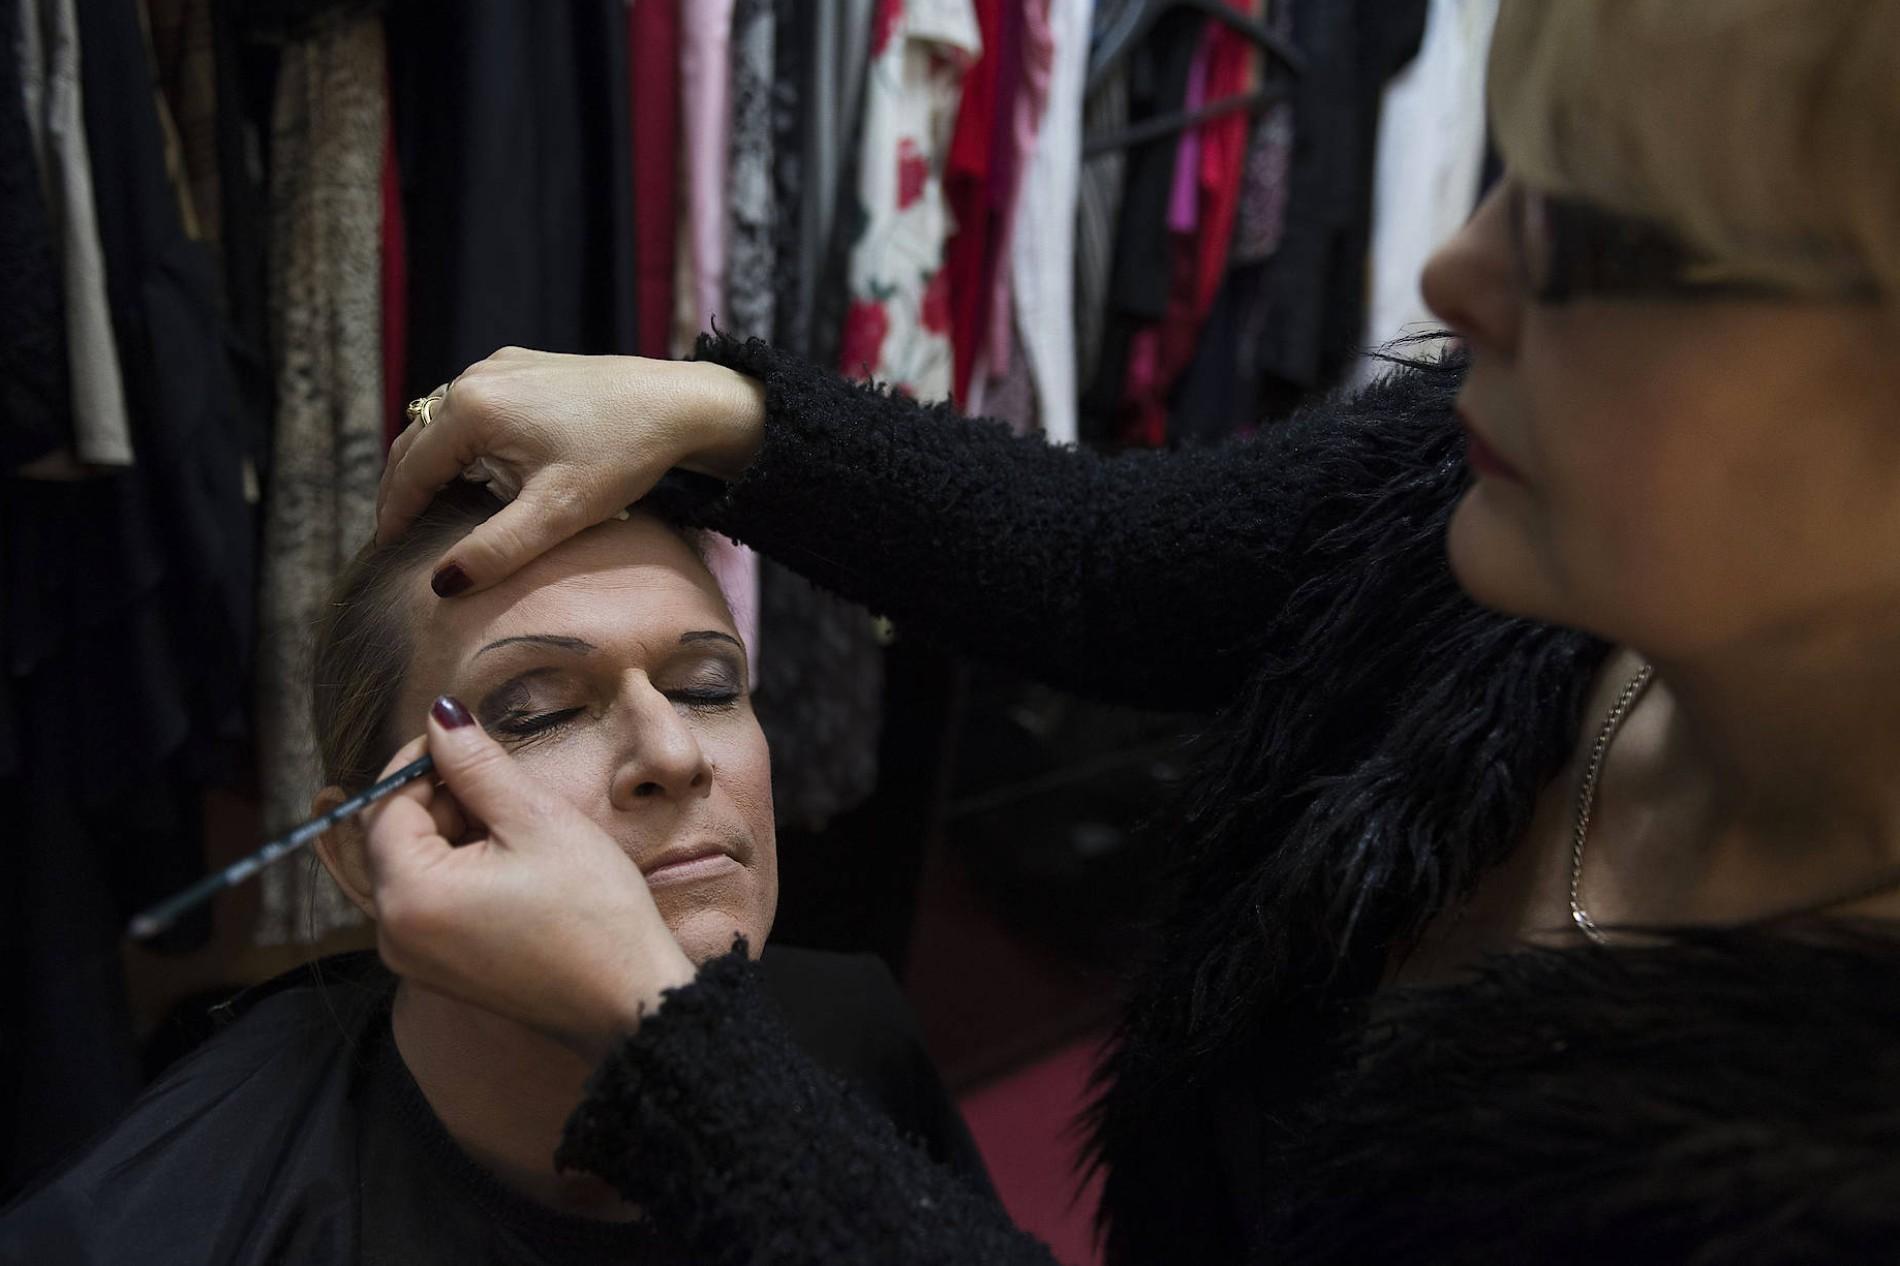 Männer in Frauenkleidern: Mädelsabend